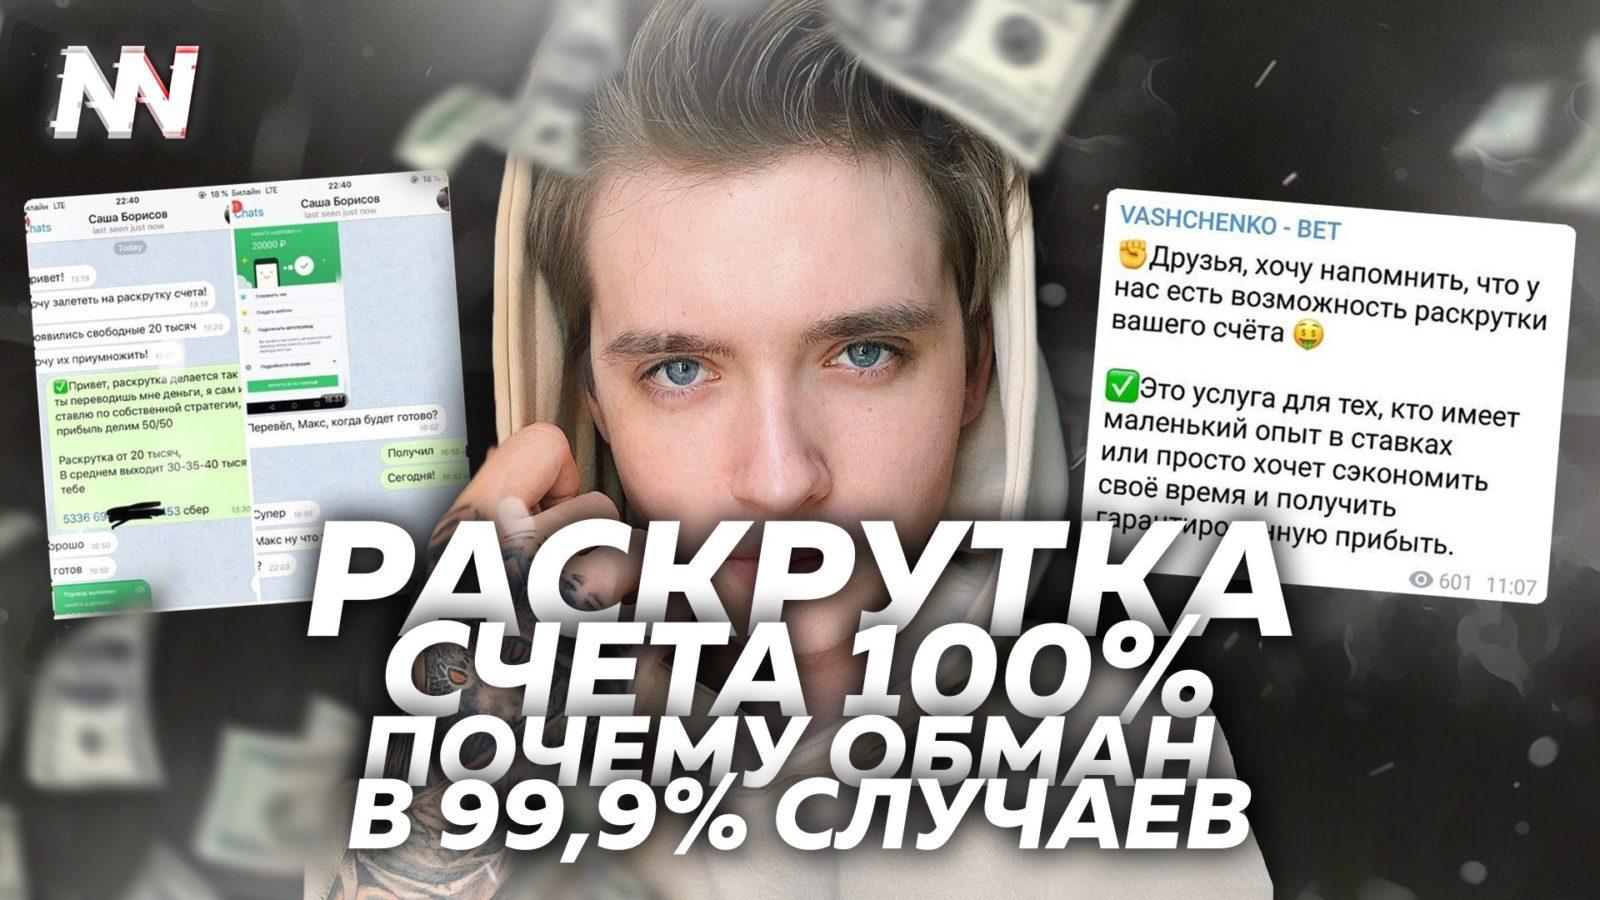 Раскрутка счета от Макса Ващенко